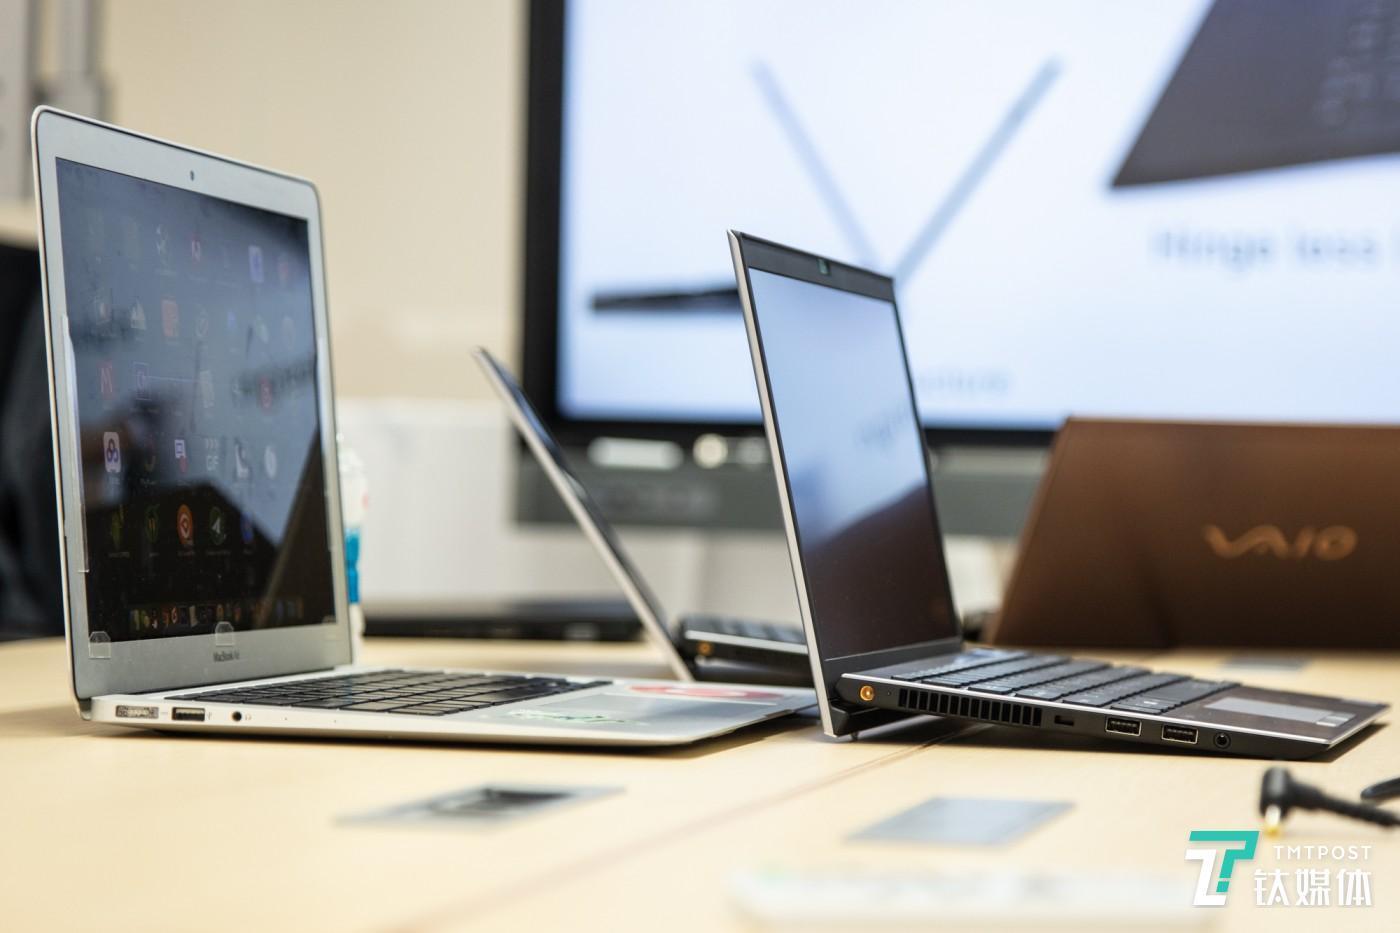 键盘支撑角度